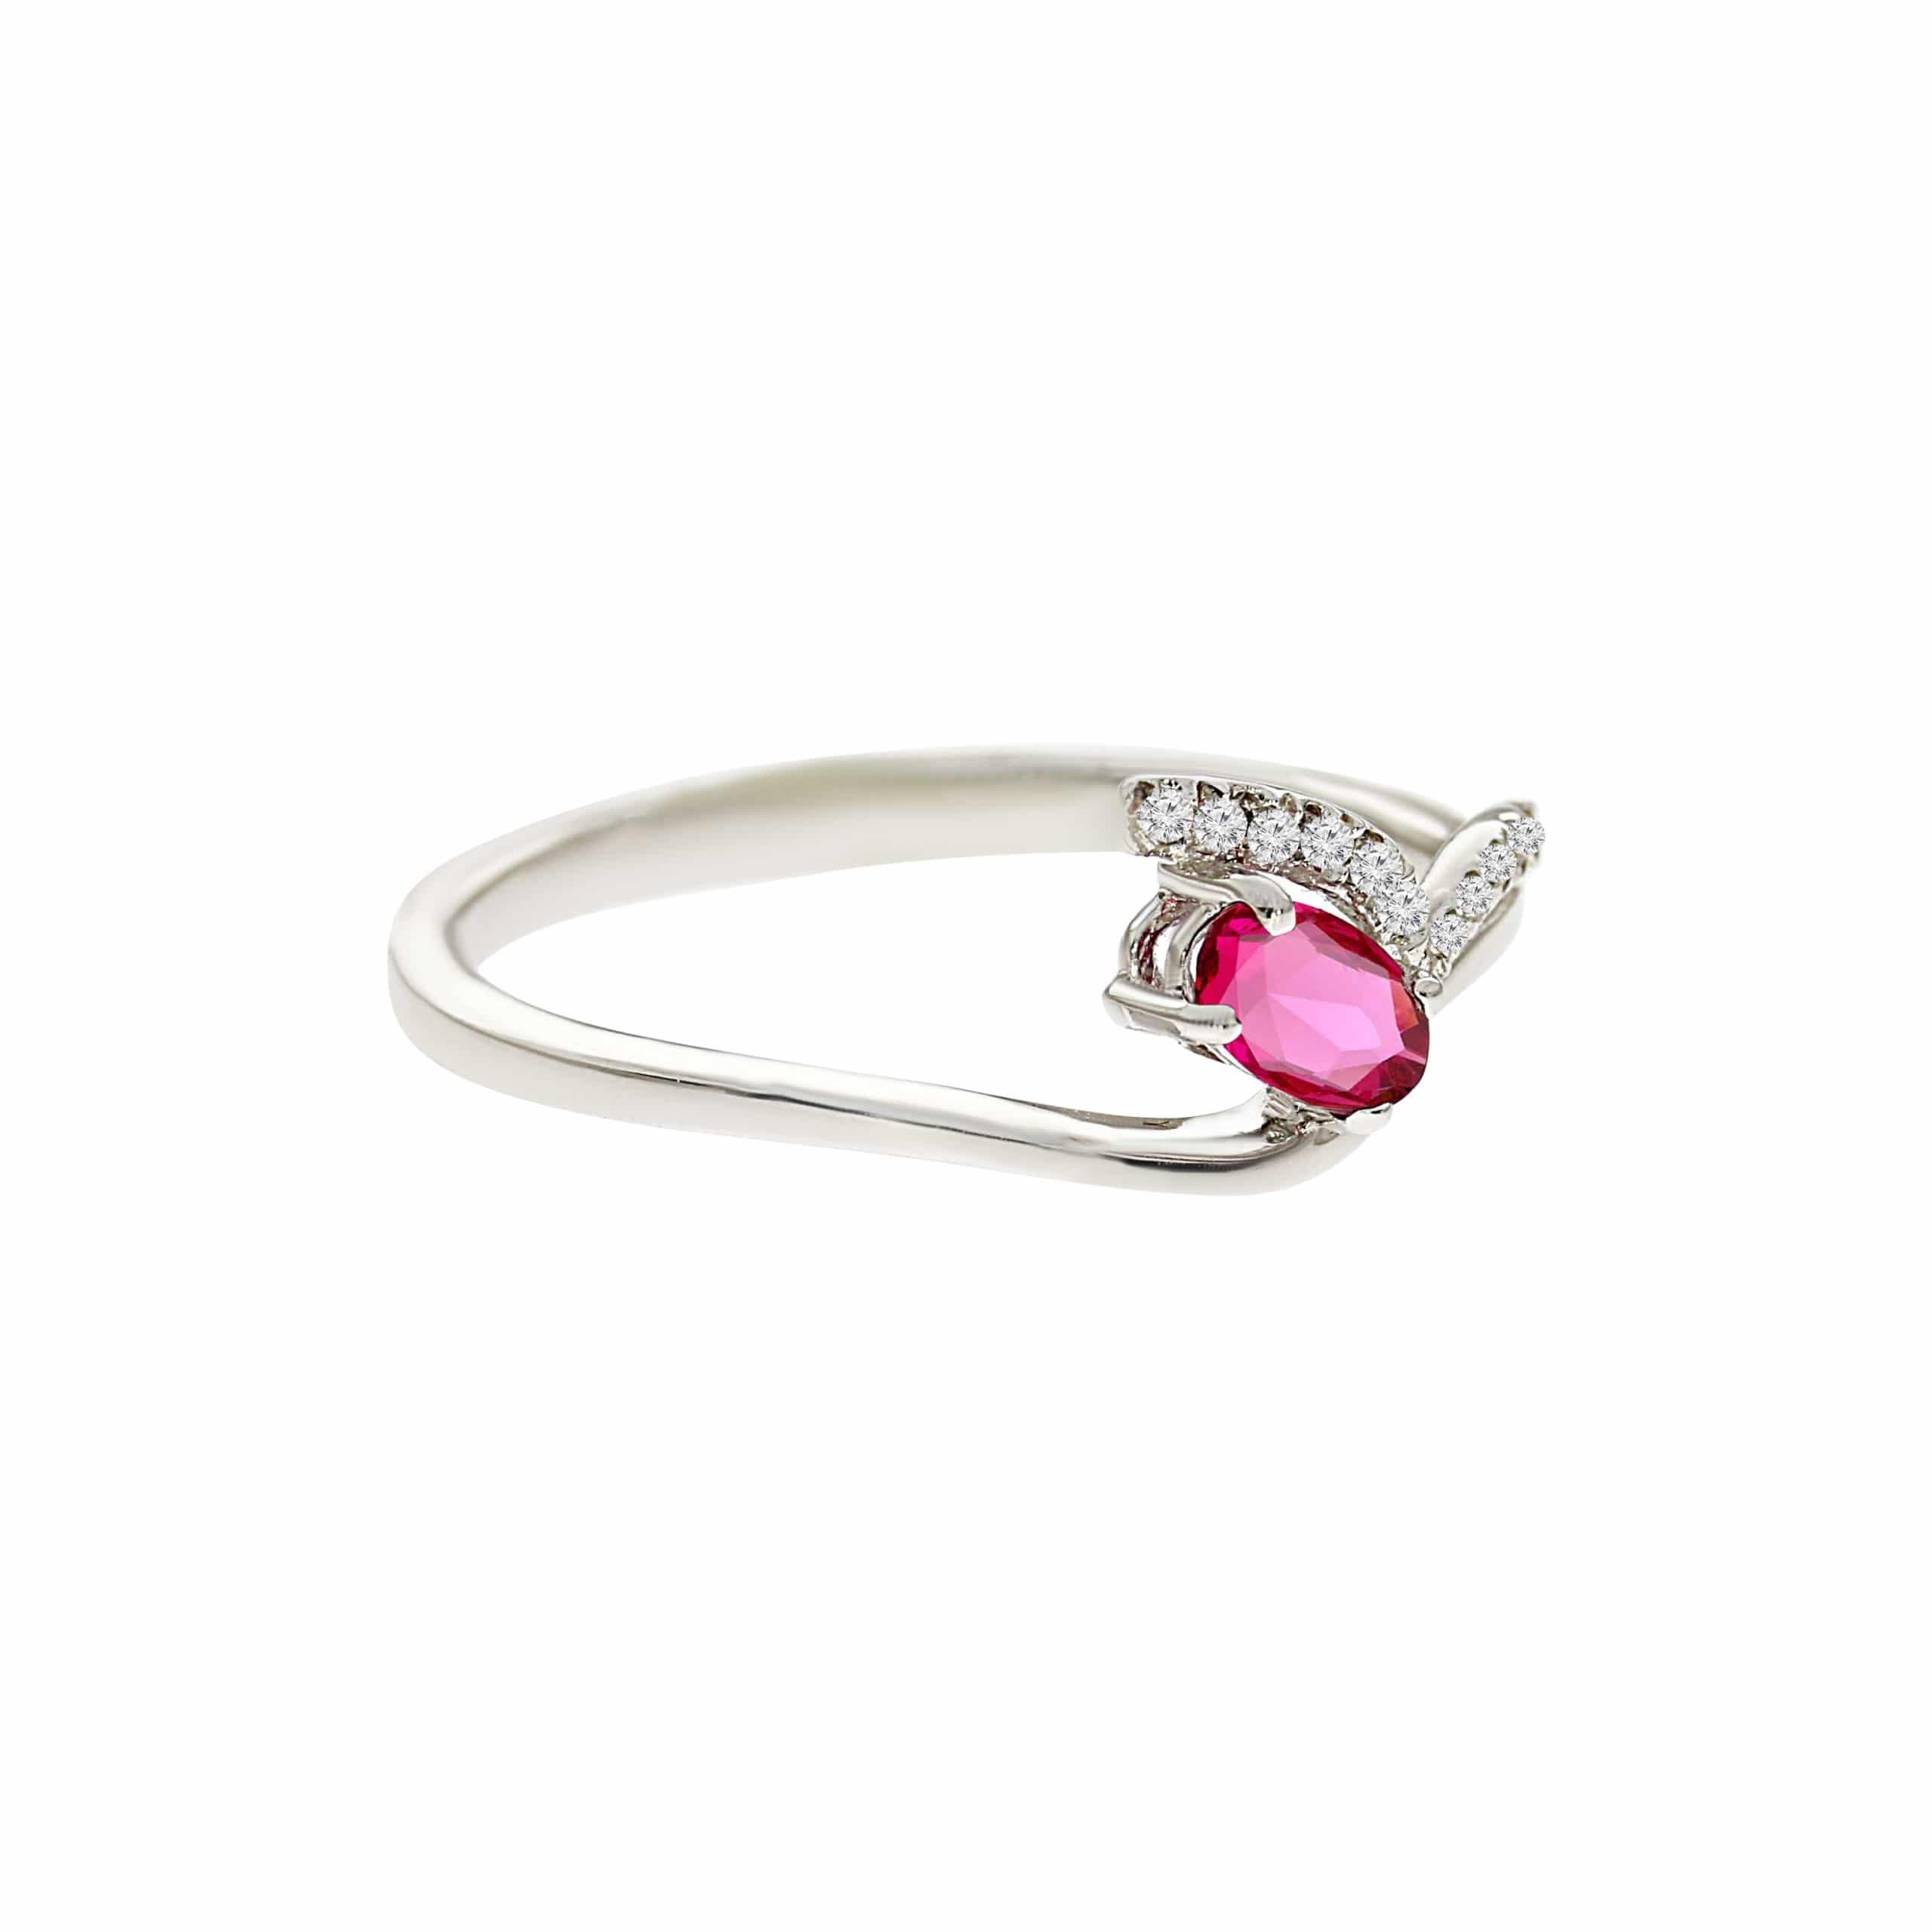 טבעת אבן רובי 0.30 קראט, זהב -לבן 14 קראט, בשיבוץ יהלומים